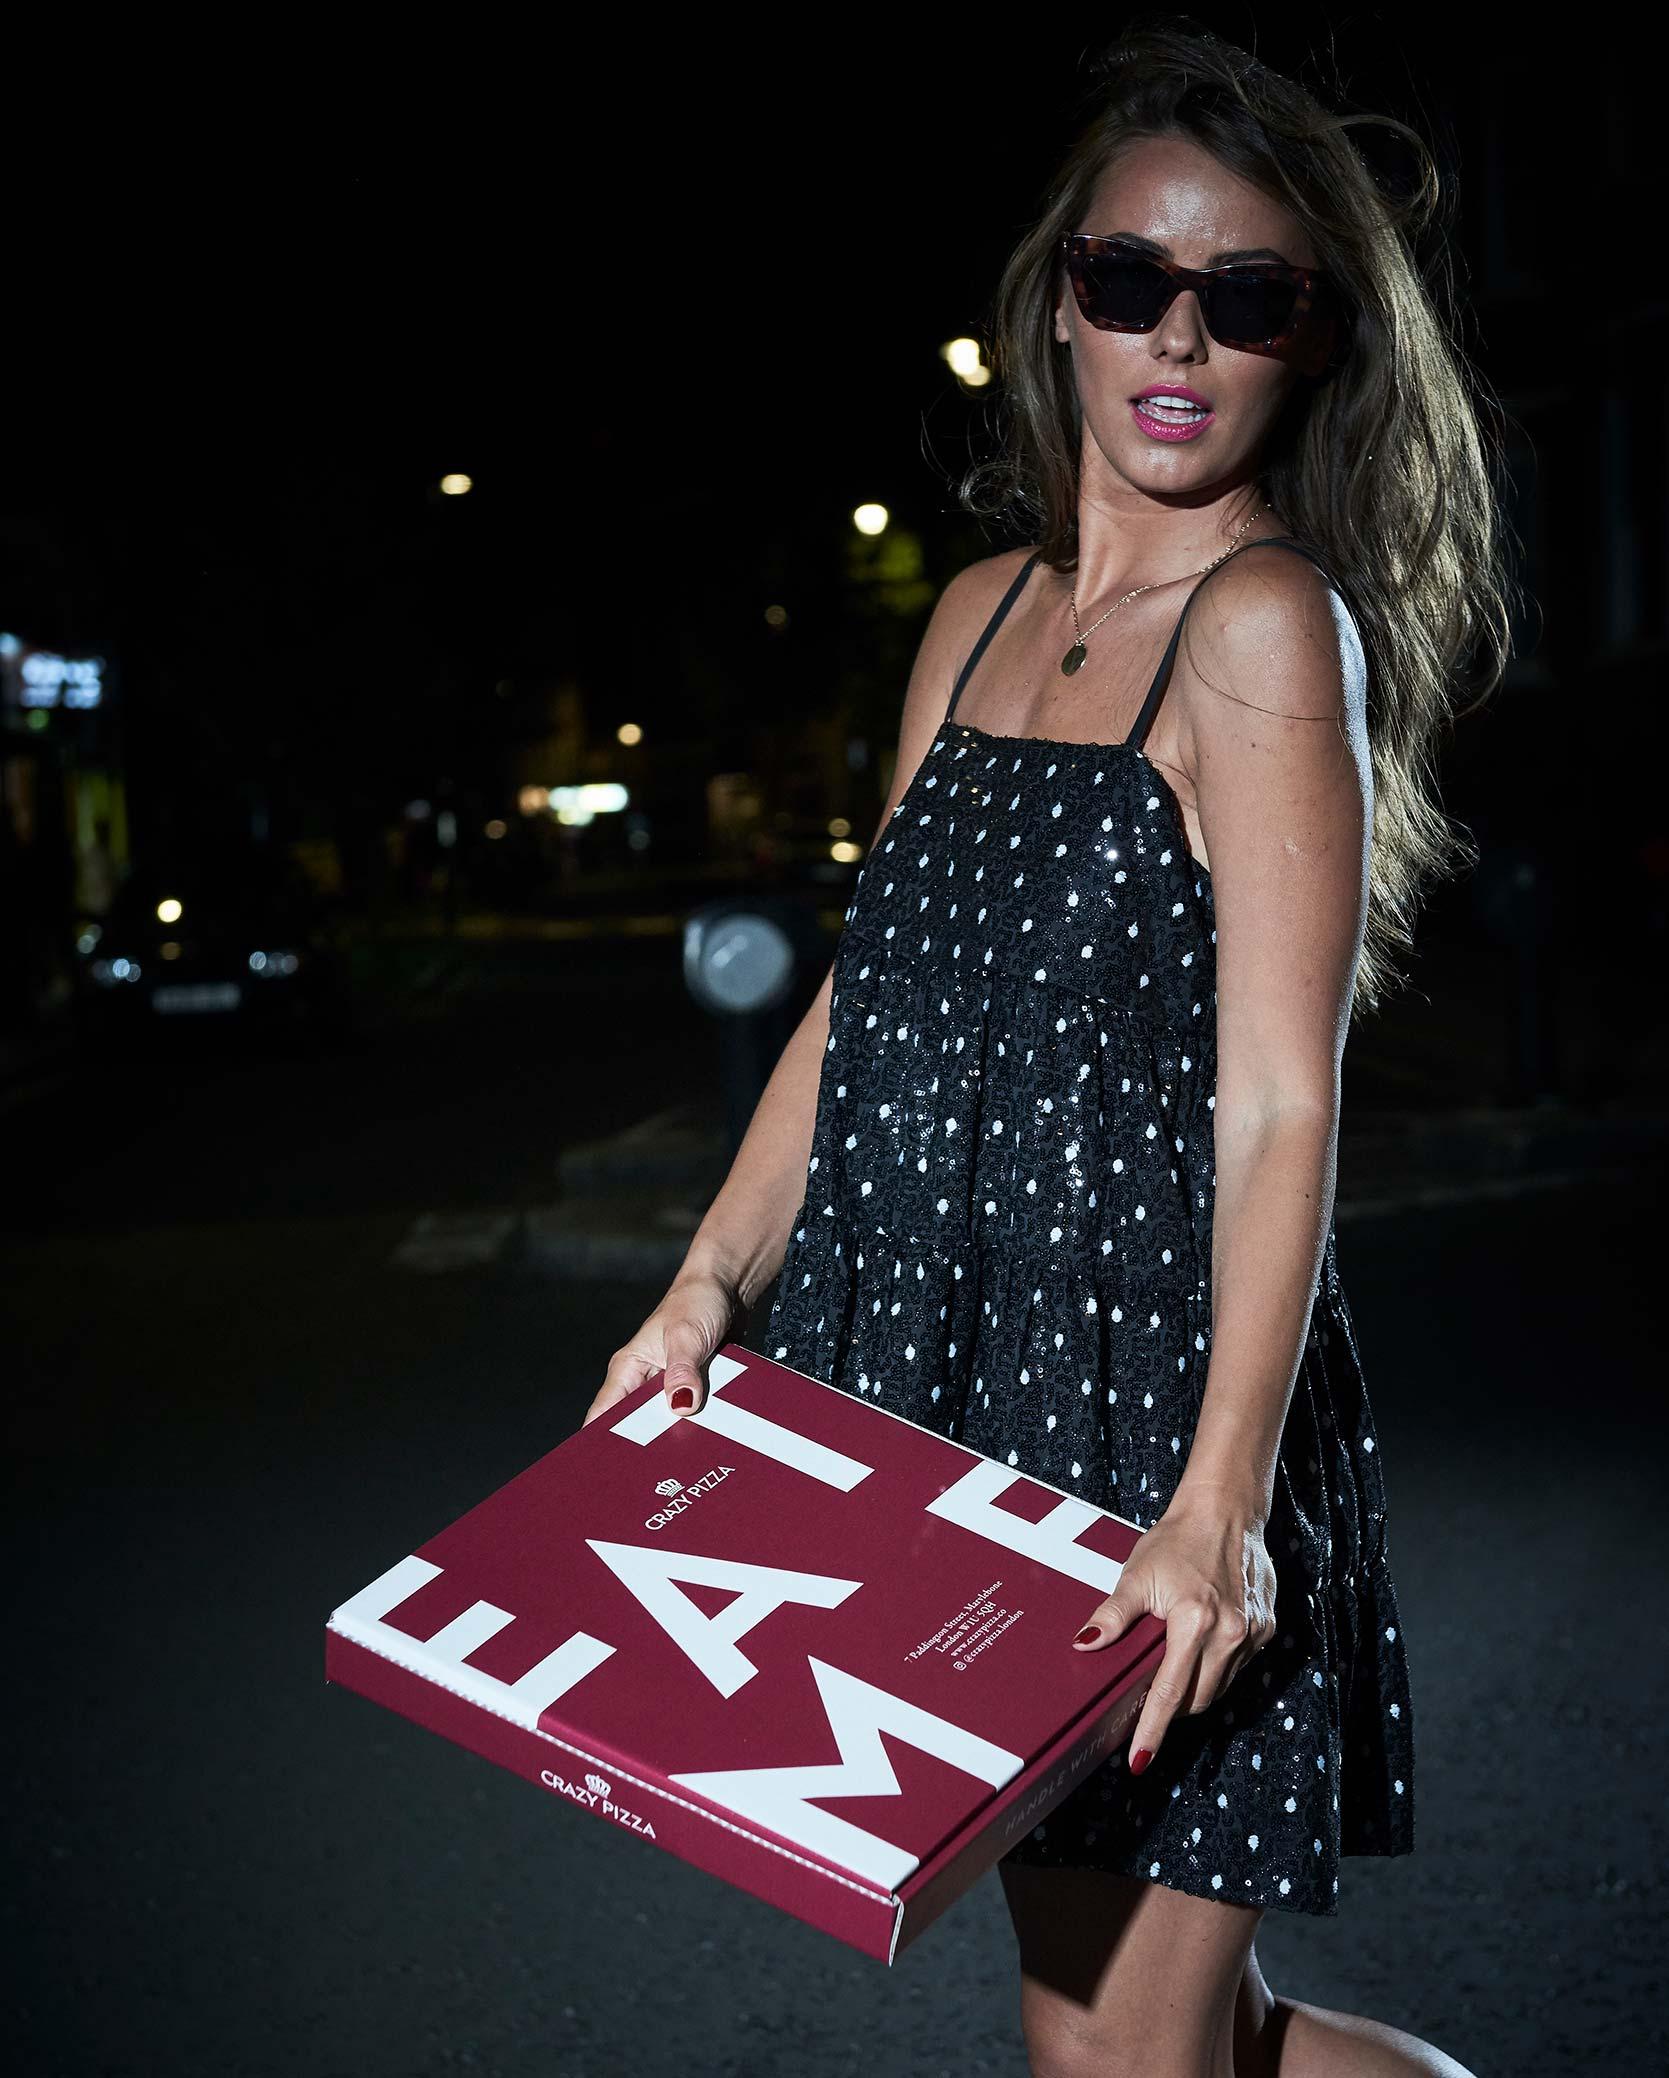 Woman holding a takeaway box